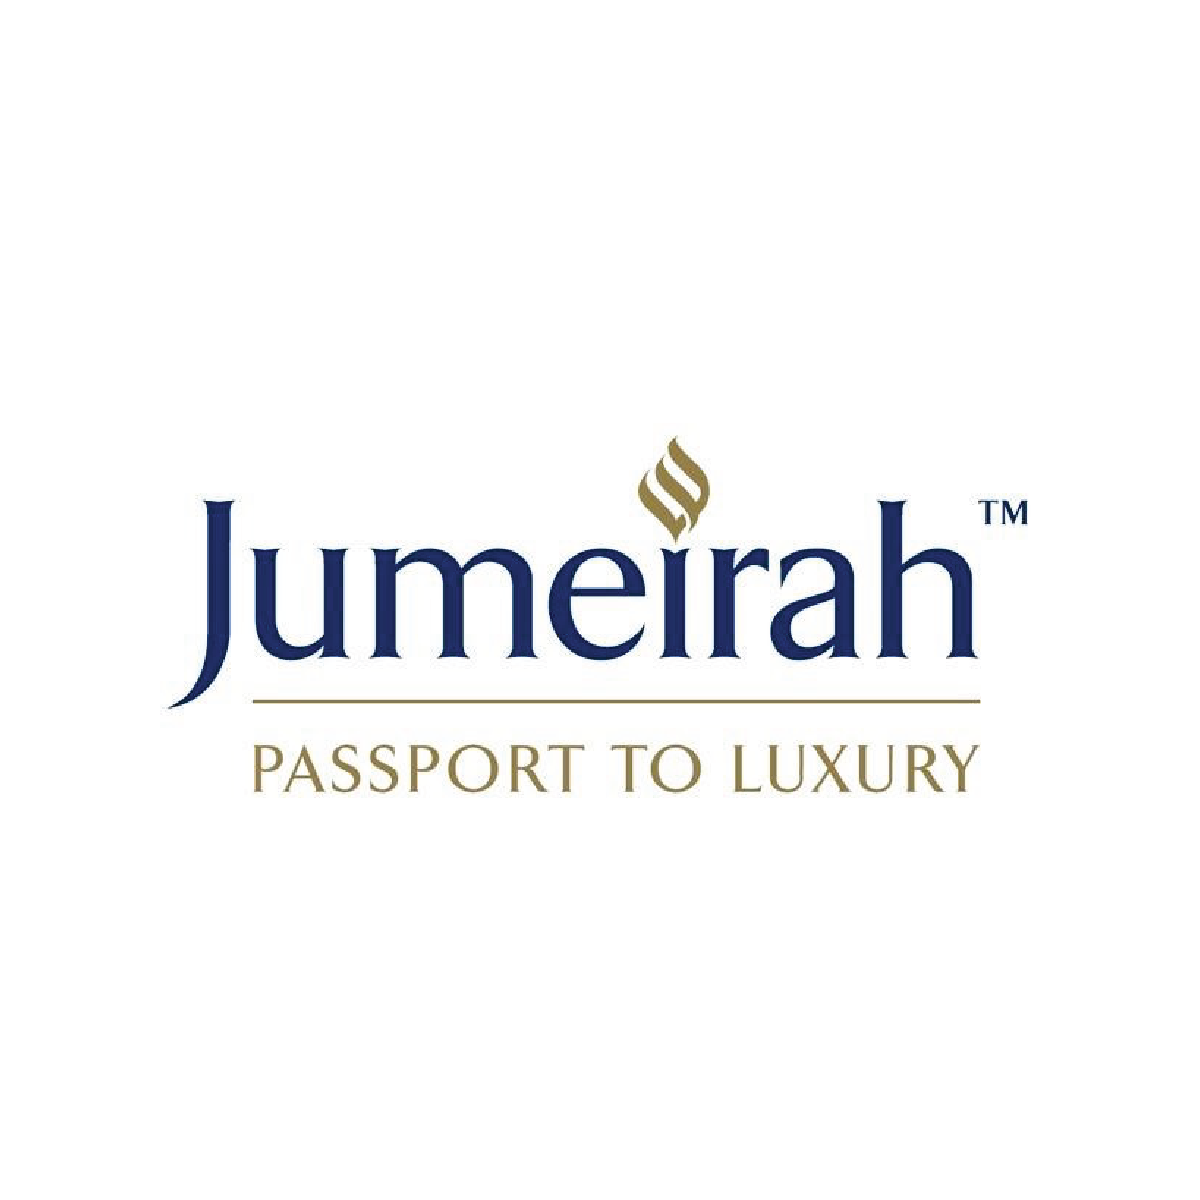 Insider_Jumeirah-01.png